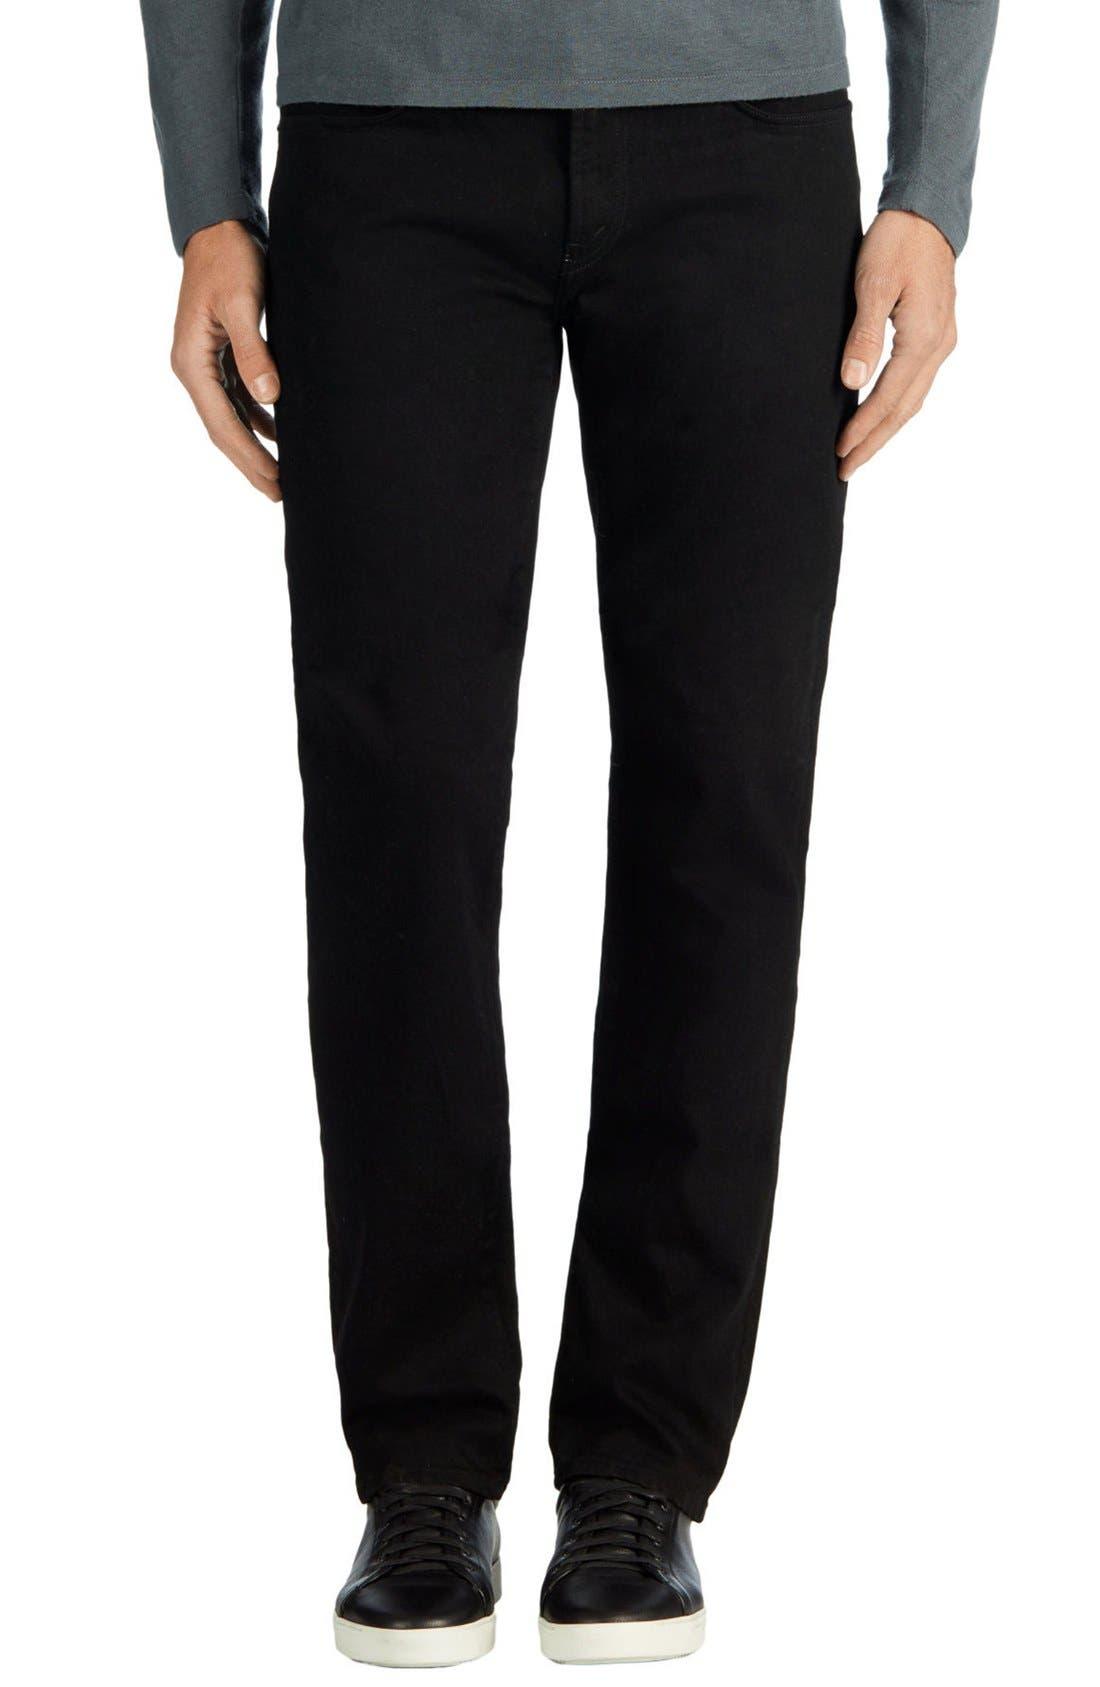 Alternate Image 1 Selected - J Brand Kane Slim Straight Leg Jeans (Trivor Black)